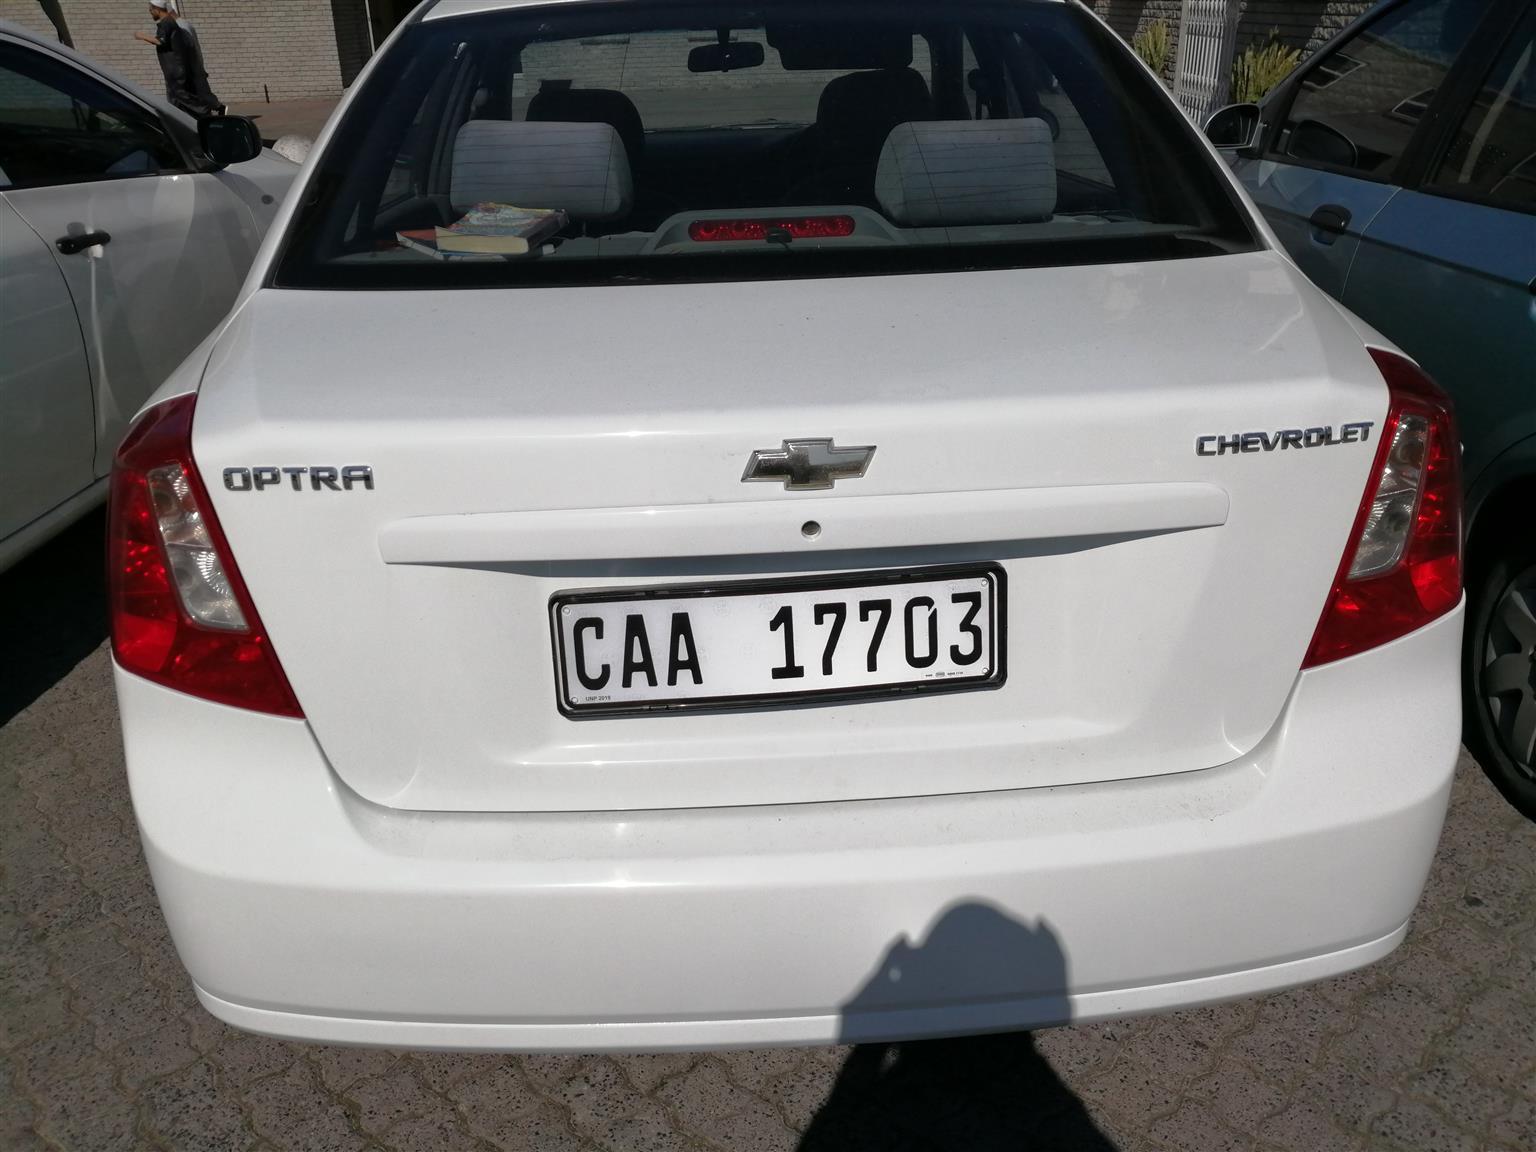 2009 Chevrolet Optra 1.6 L